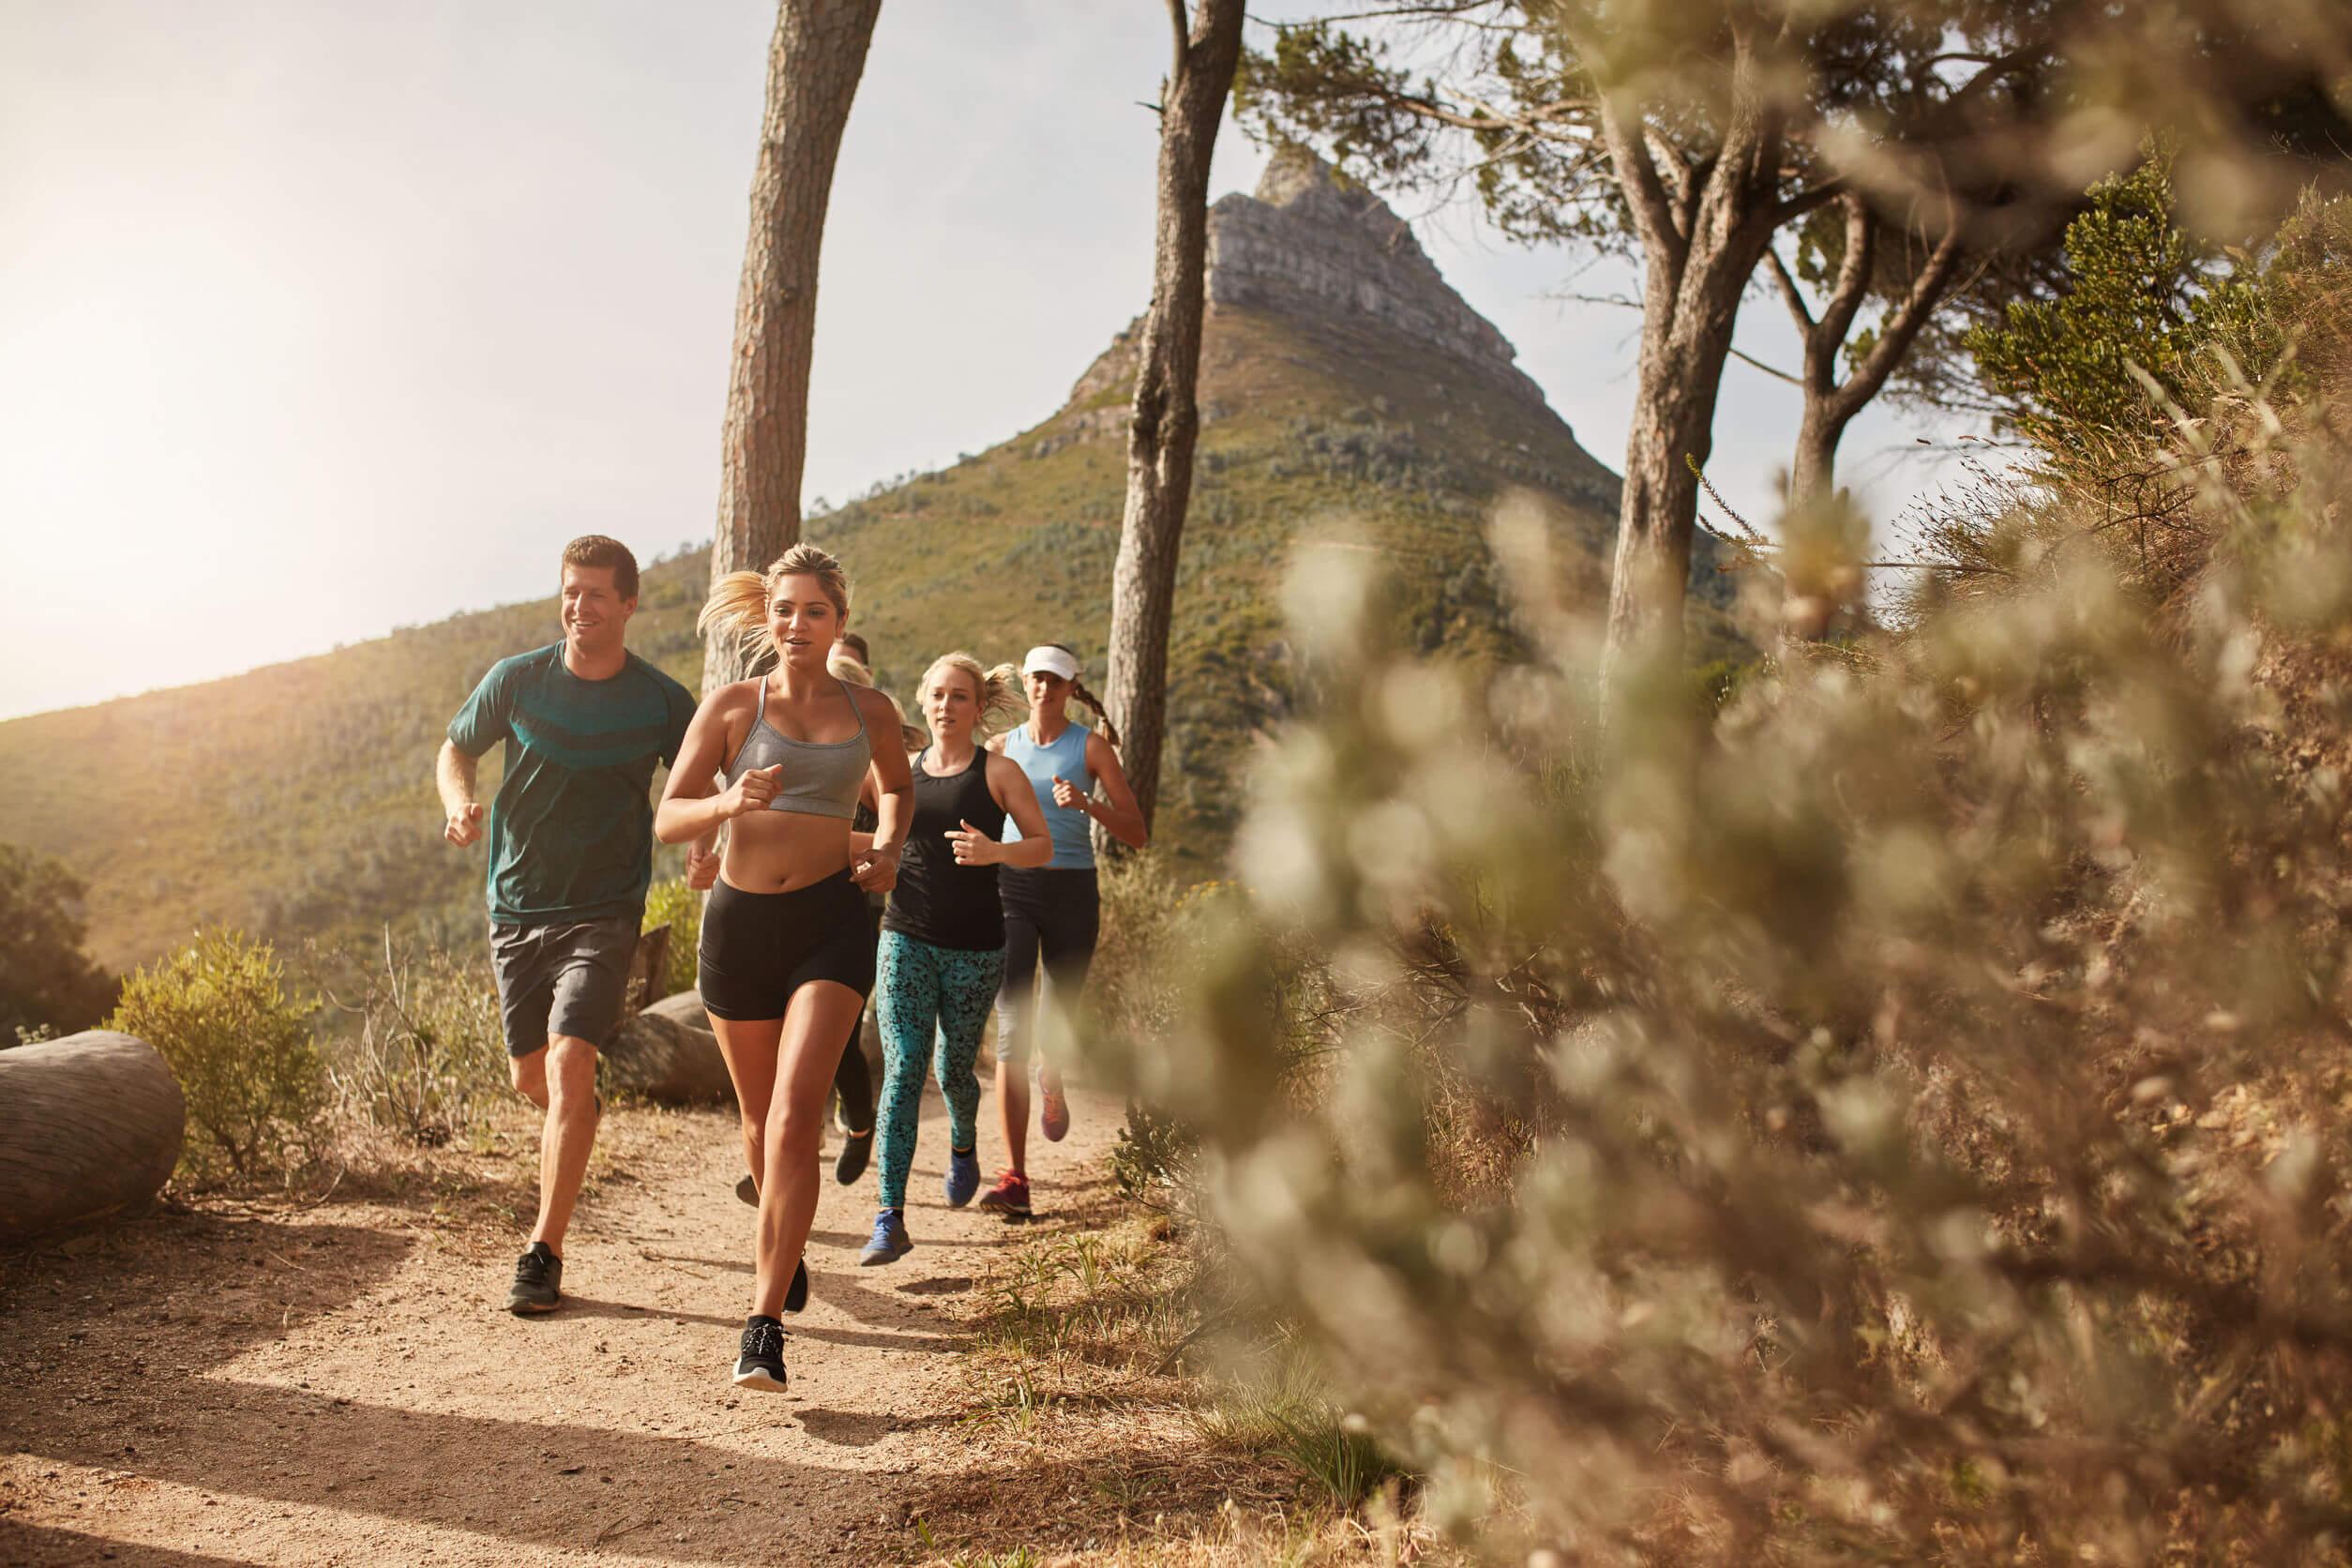 Tratarea si prevenirea leziunilor cauzate de alergat